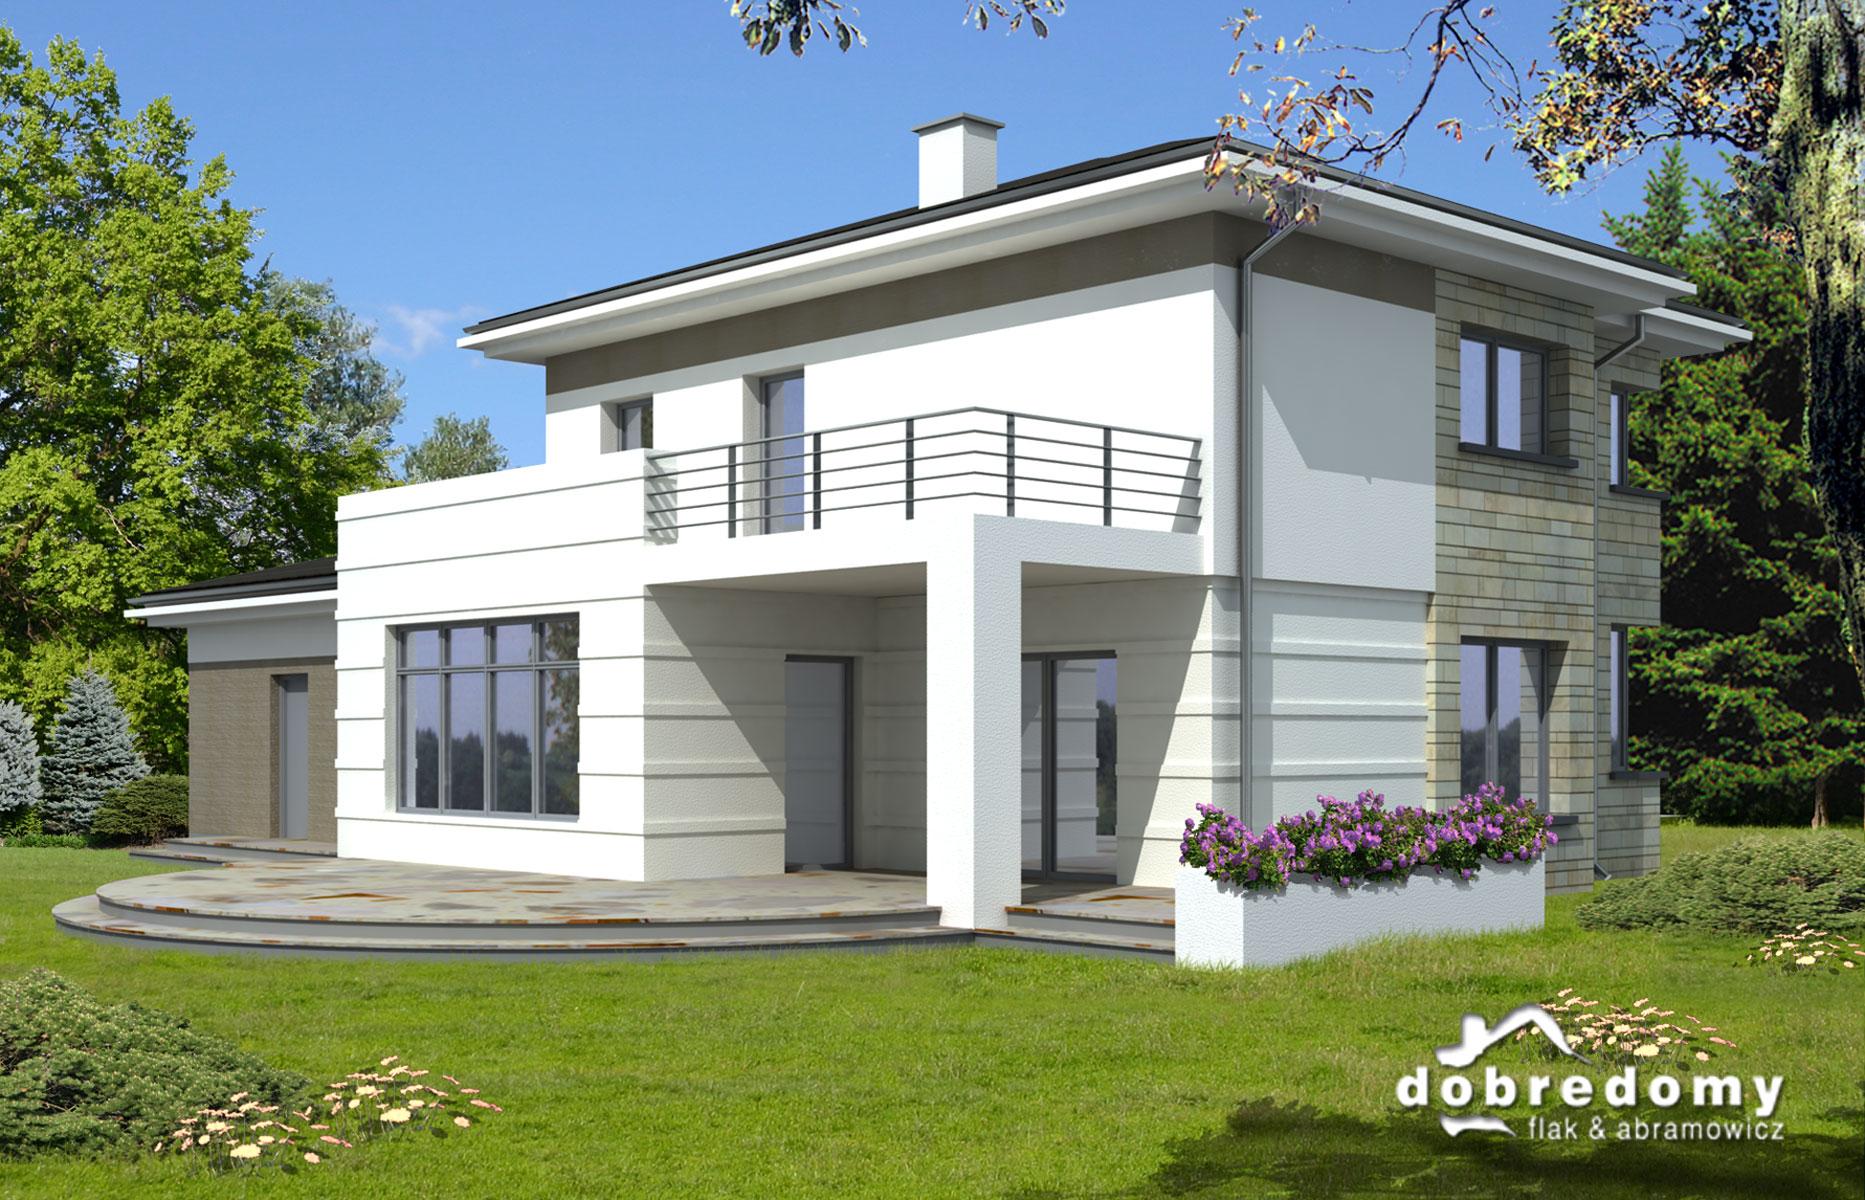 Wybierz funkcjonalny projekt domu piętrowego – zobacz, na co zwrócić uwagę